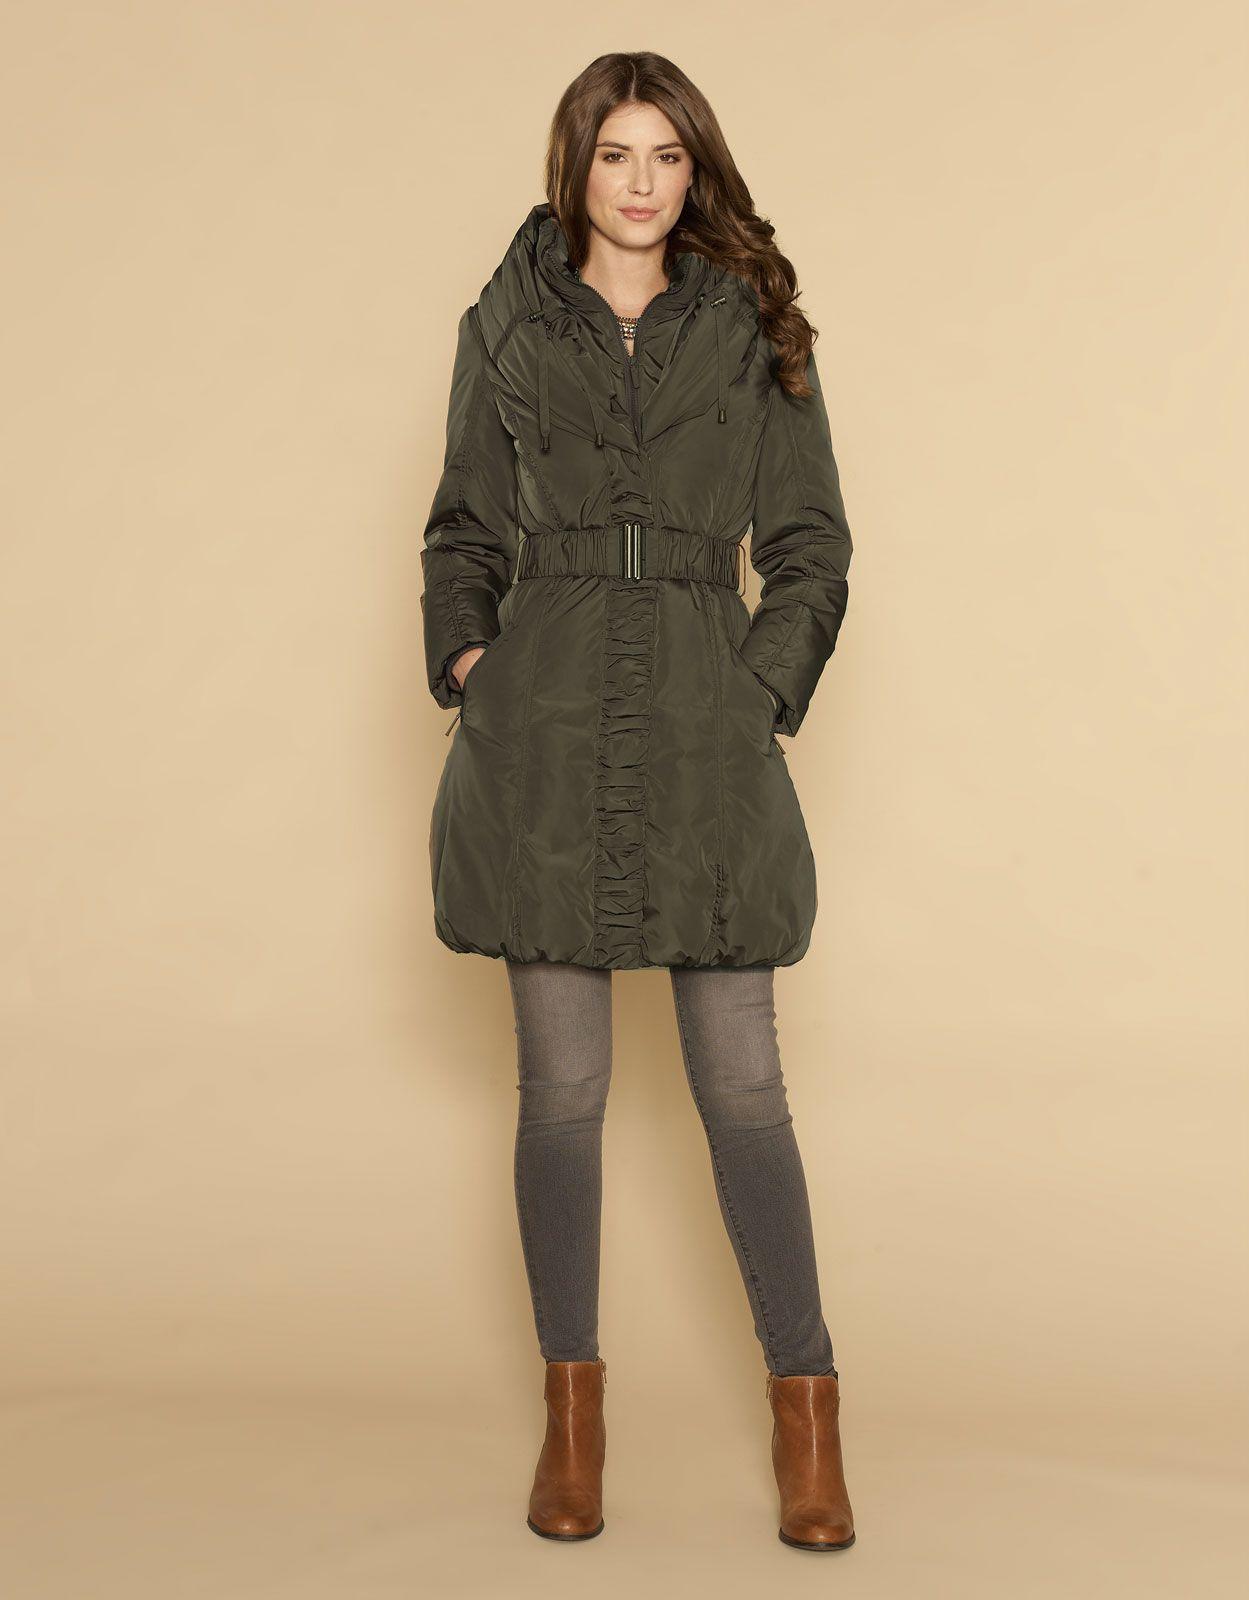 Пуховик Carys Long Hooded Puffa | Зеленый | Monsoon | Style / Too ...